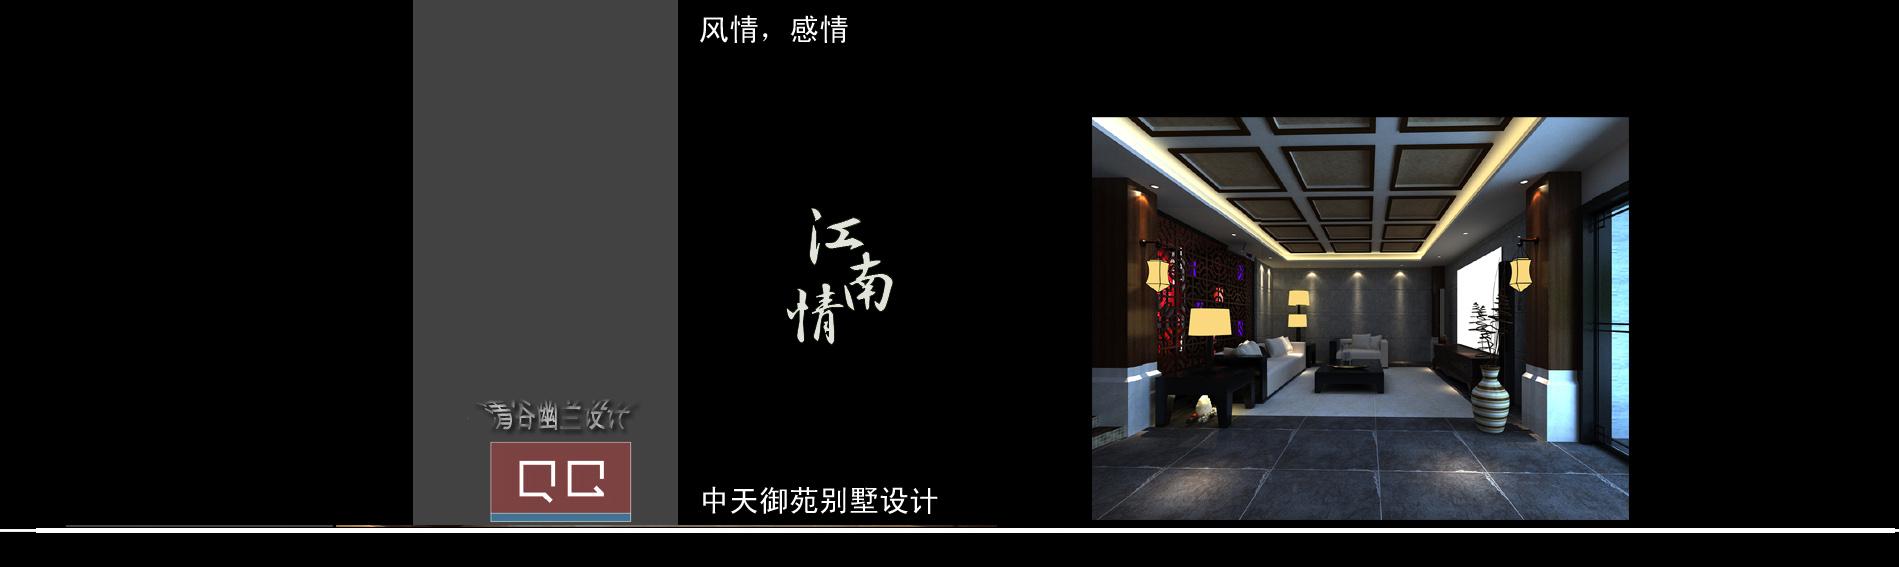 中天 御苑别墅设计